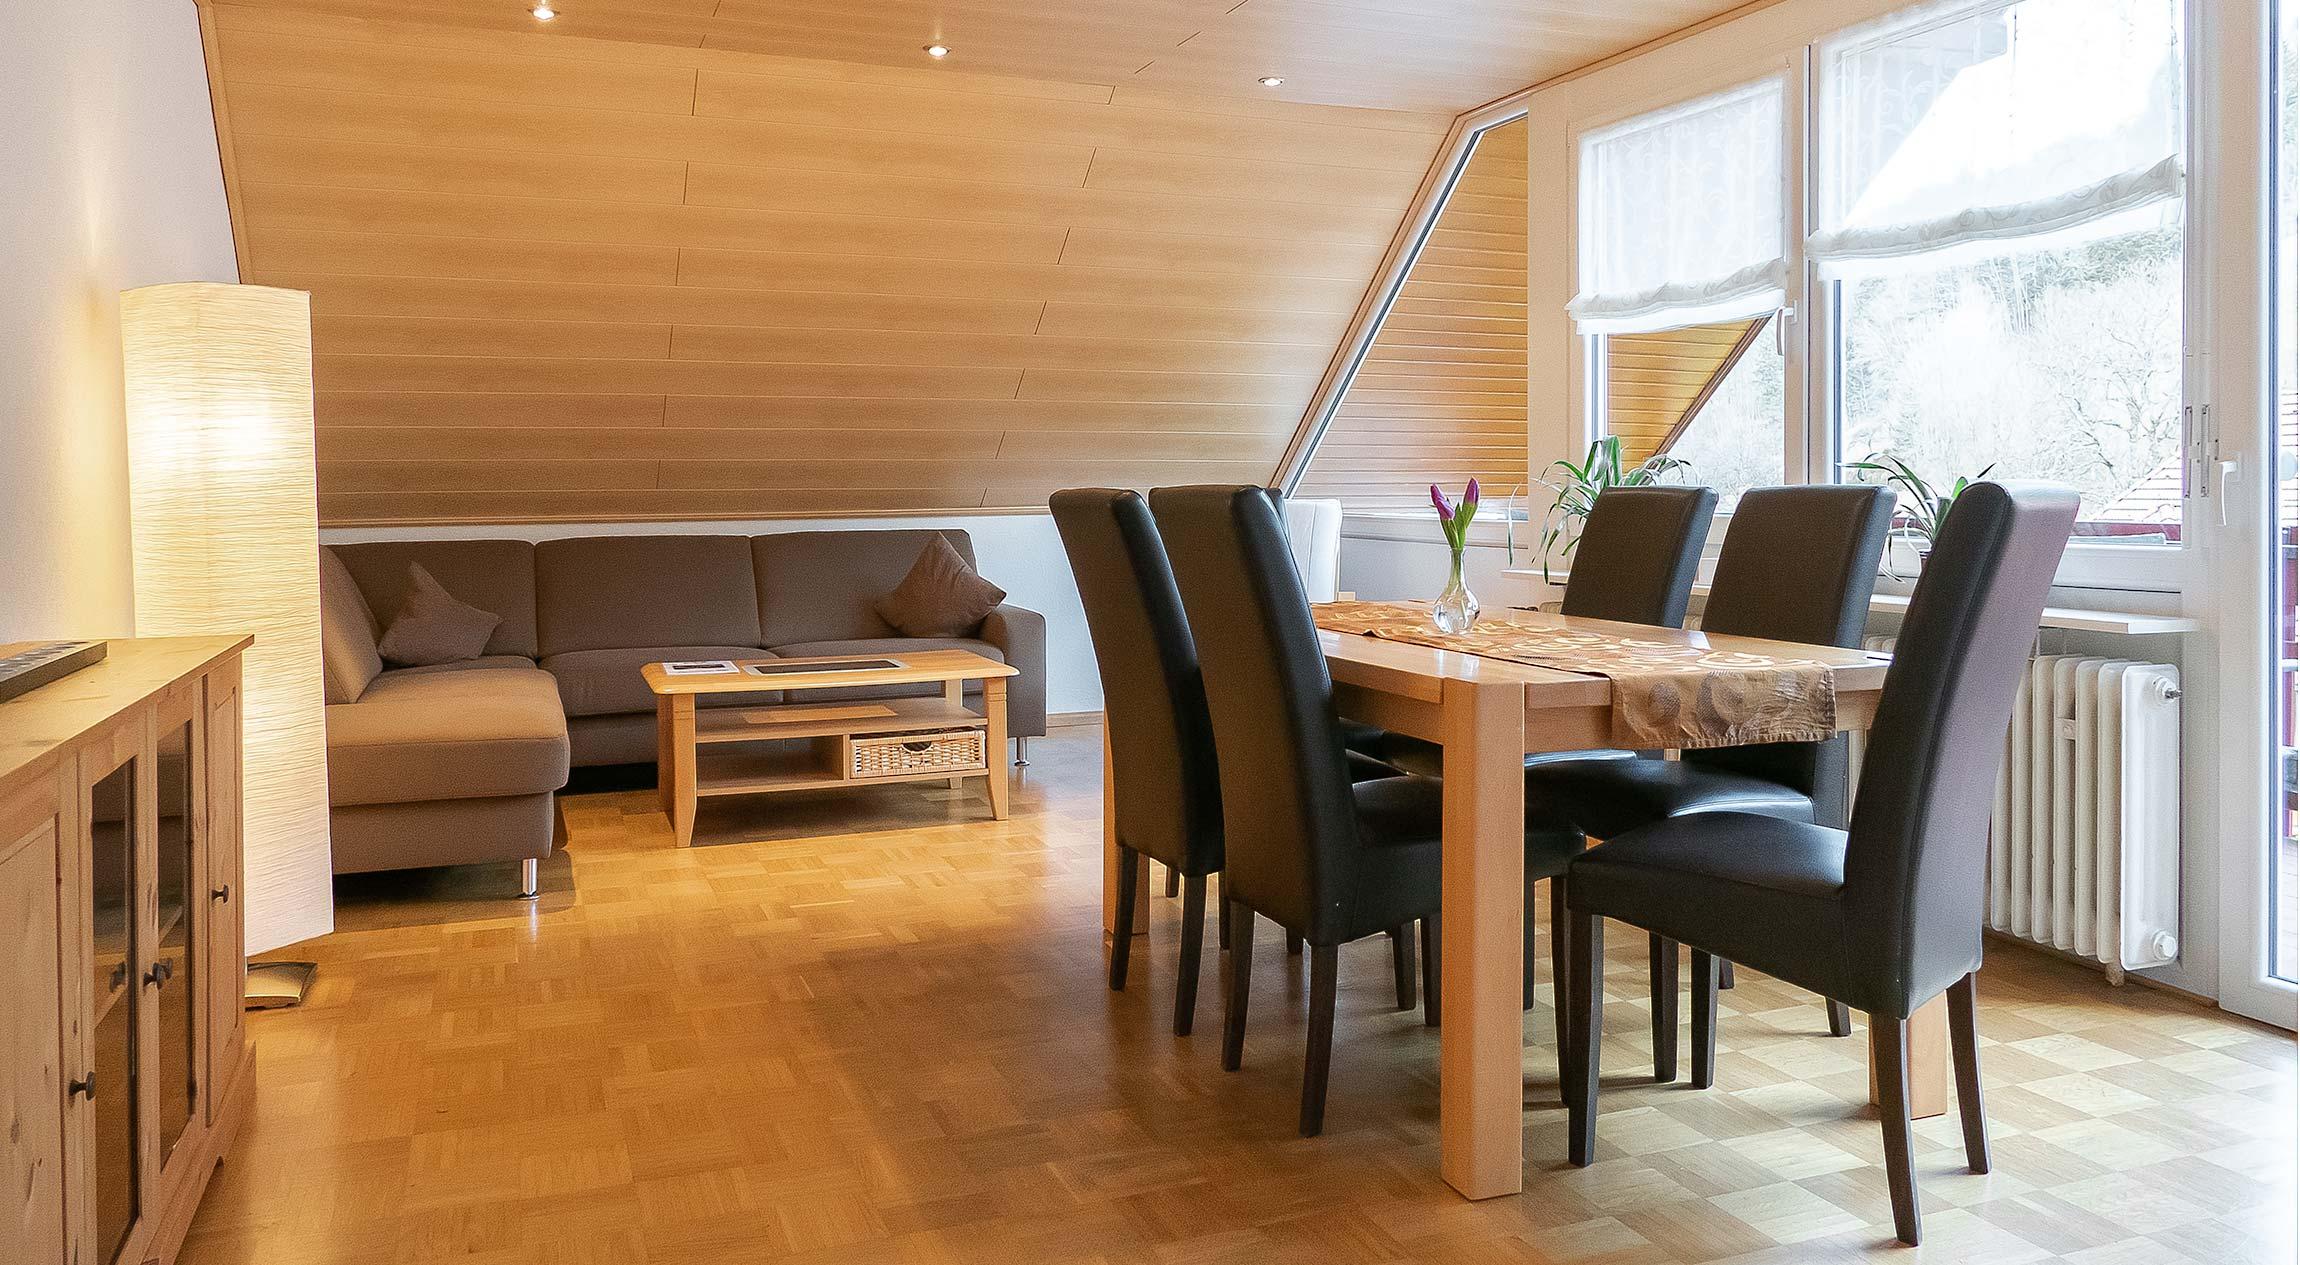 Wohnungstyp I - Wohnzimmer